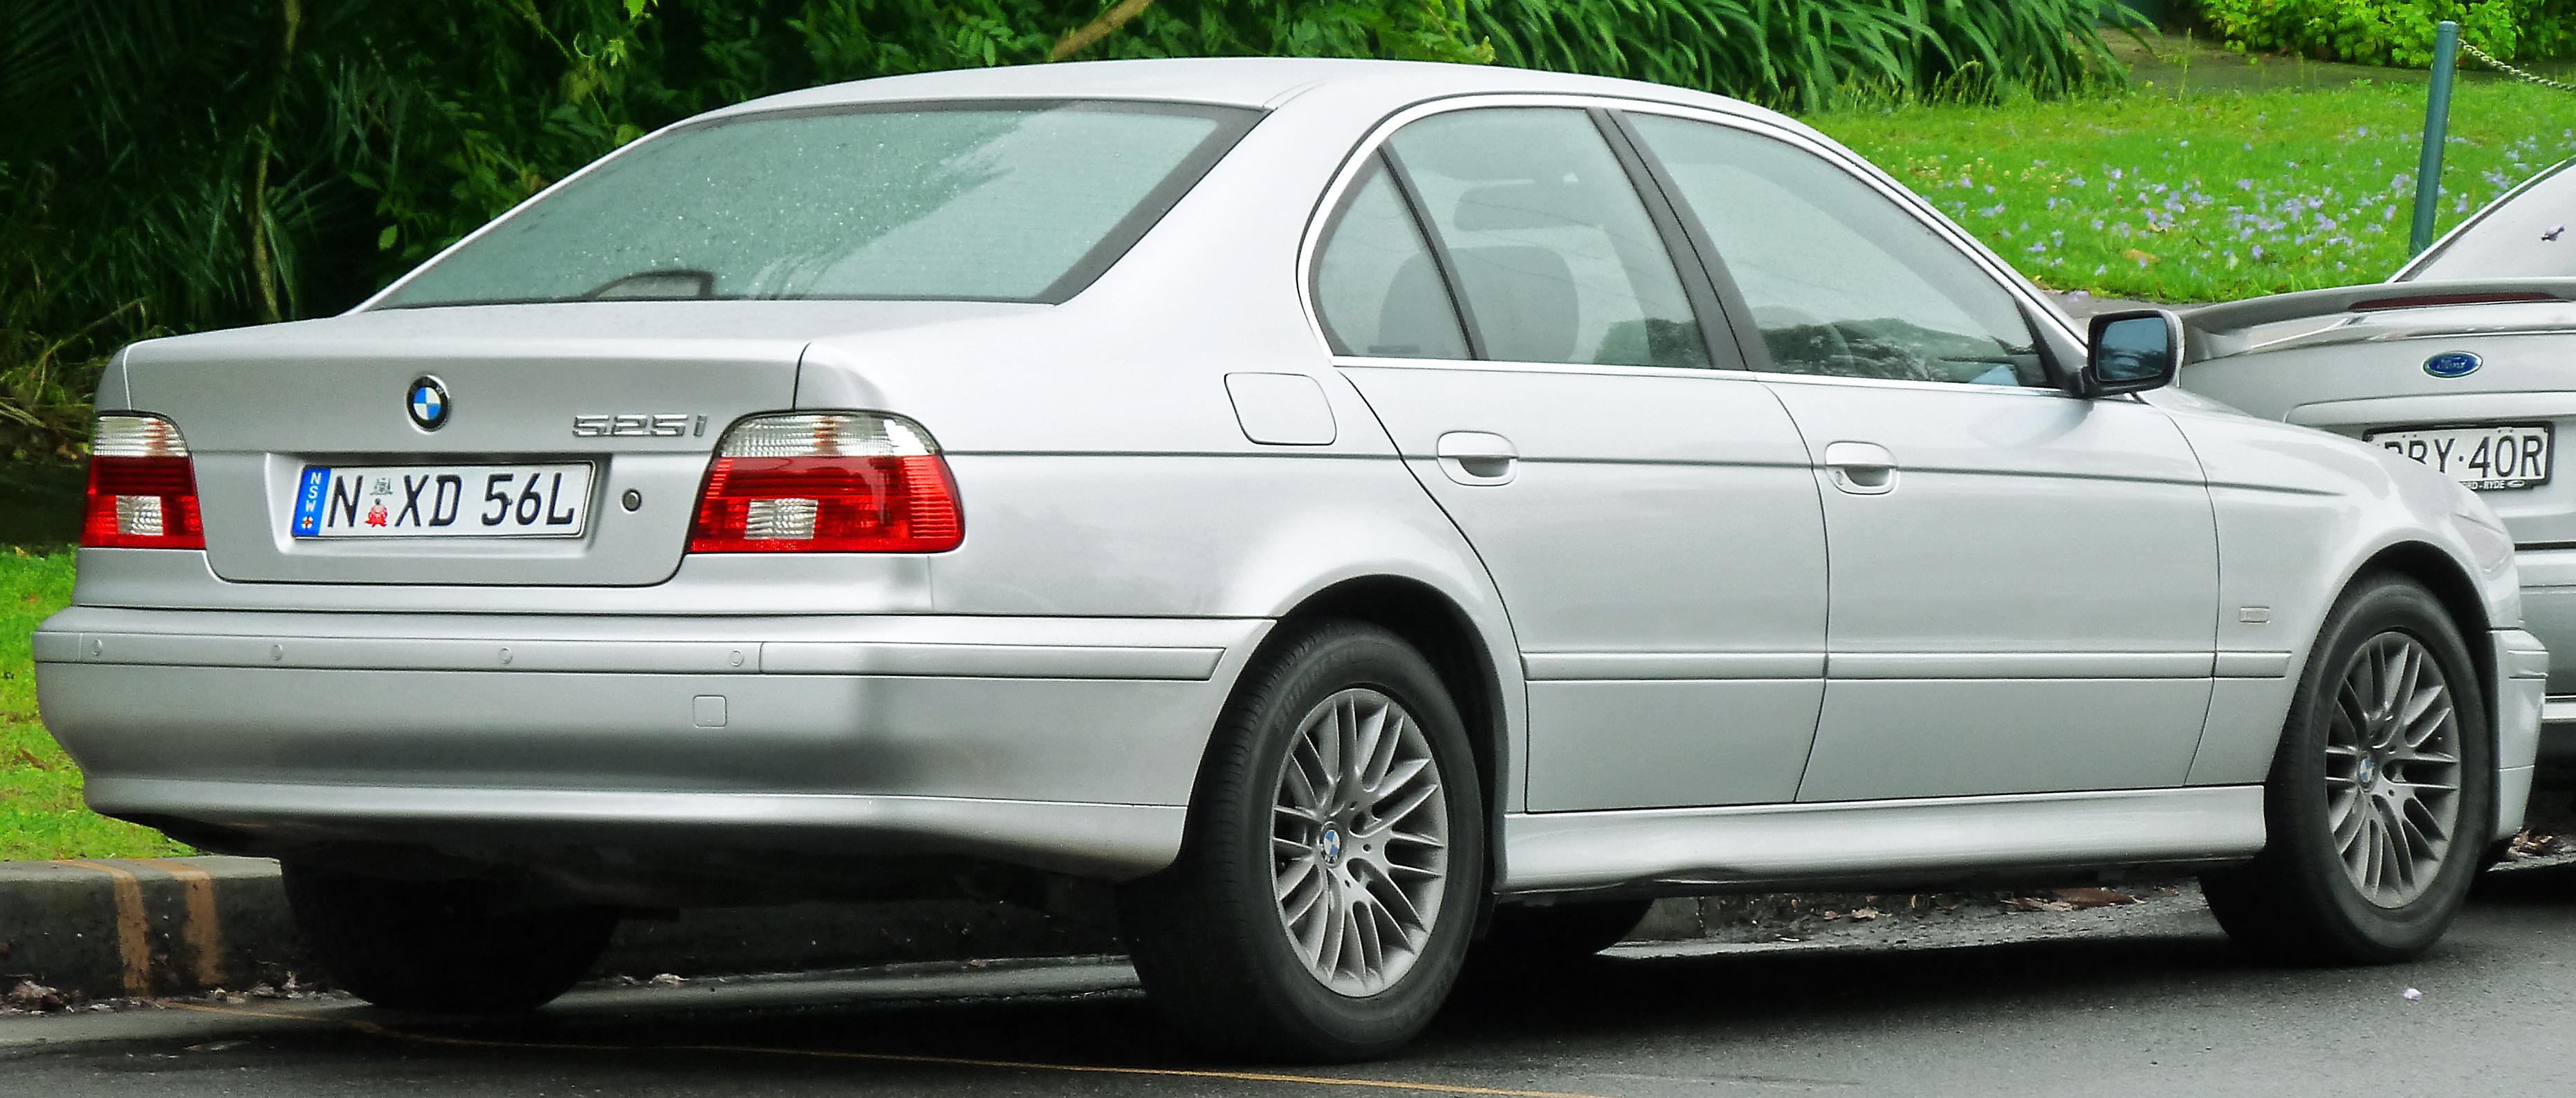 bmw525i 2003